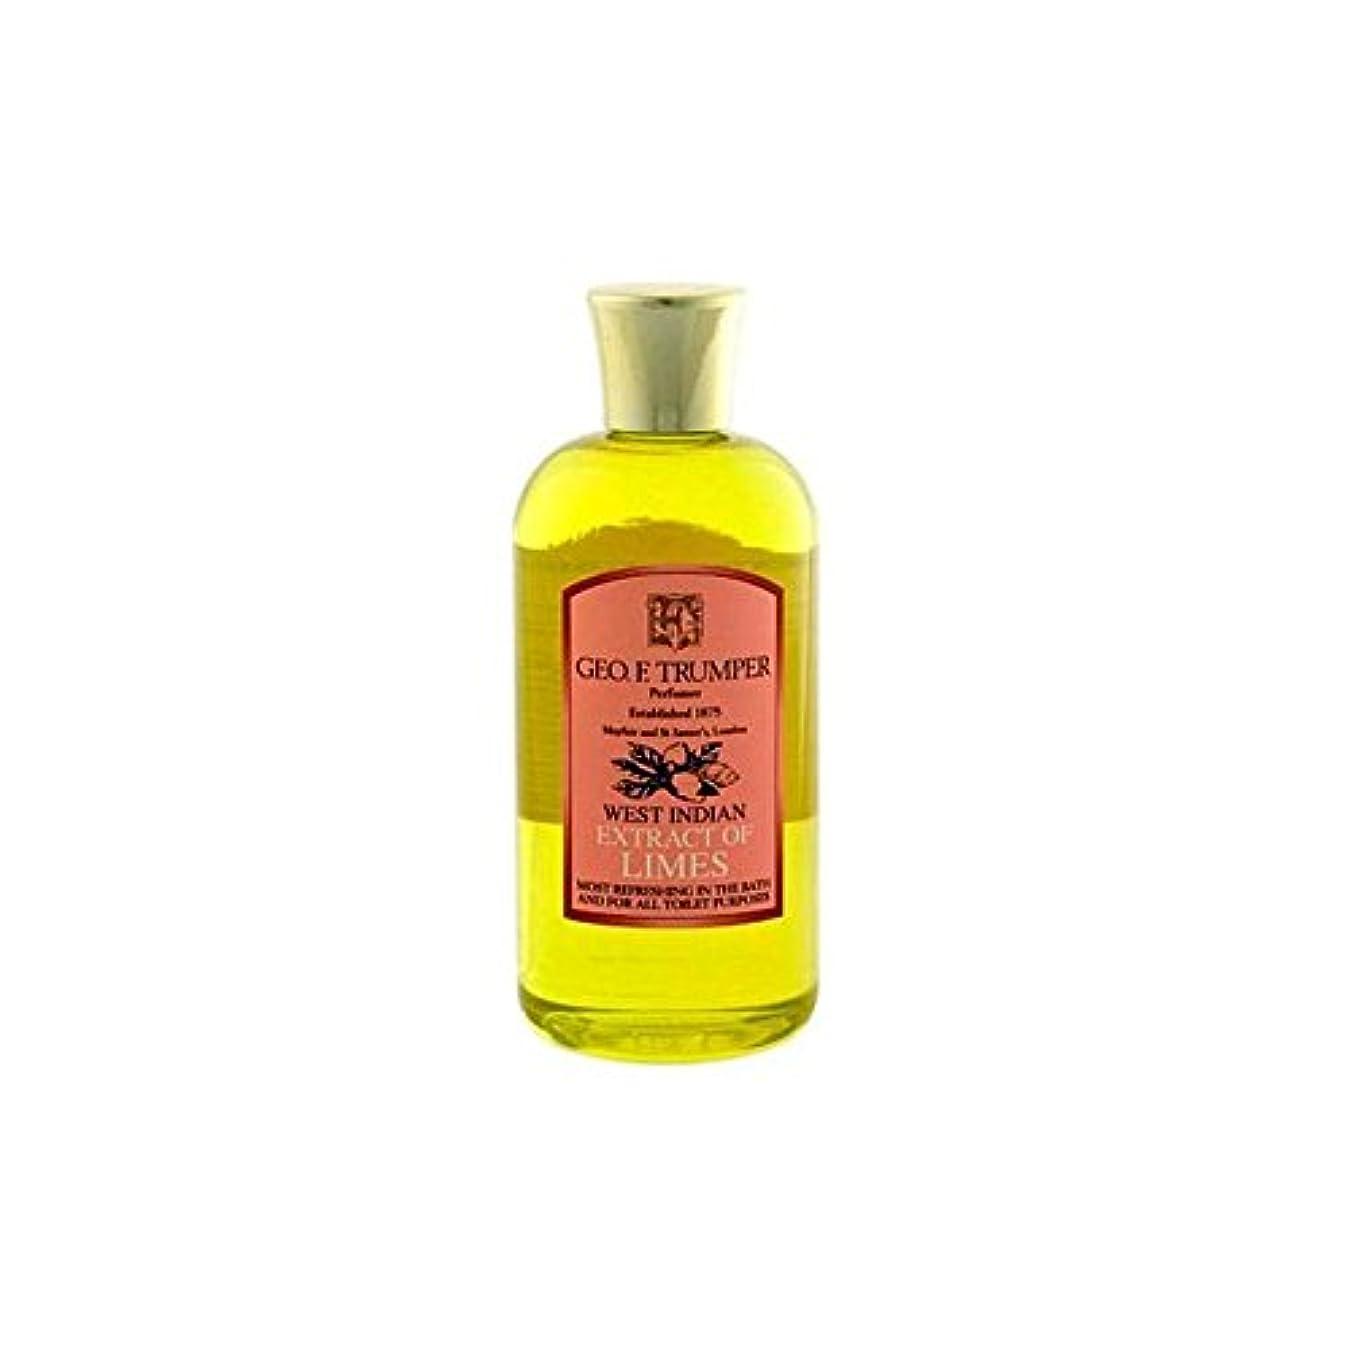 ファーザーファージュミッション予言するTrumpers Extracts of Limes Bath and Shower Gel 200ml (Pack of 6) - ライムのバスタブとシャワージェル200の抽出物を x6 [並行輸入品]